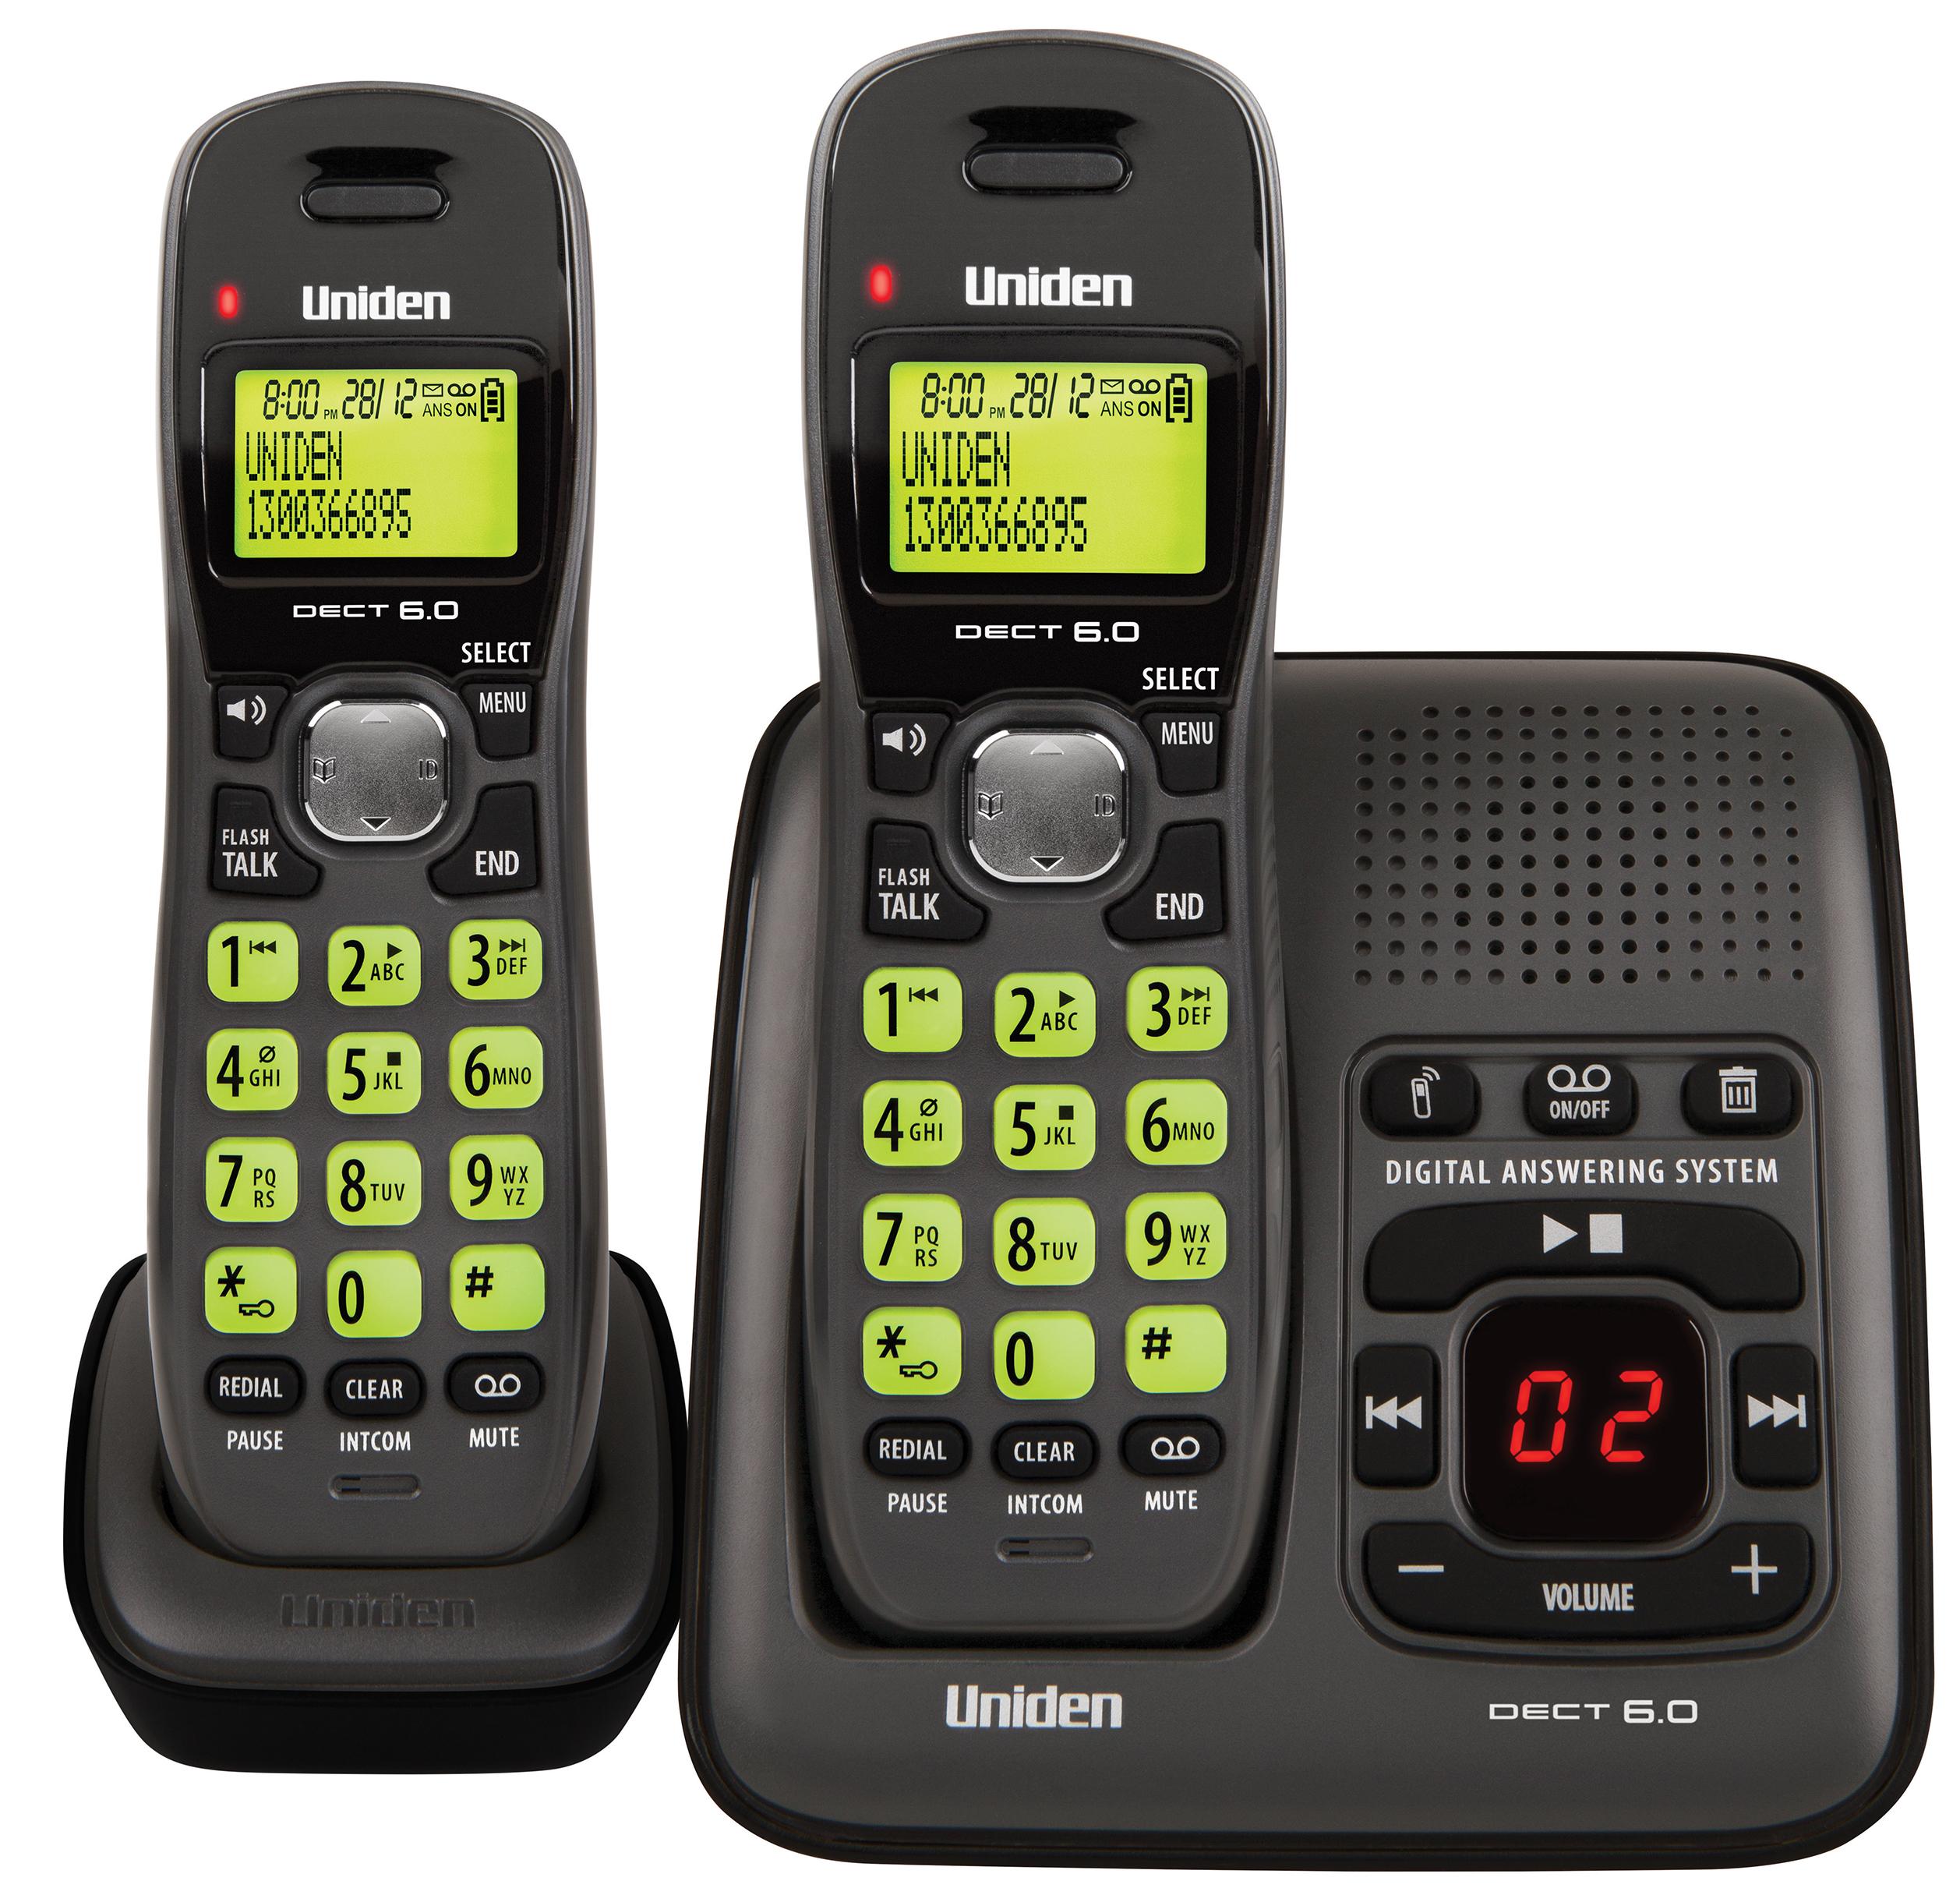 dect 1635 1 uniden rh uniden com au Uniden 6.0 Answering Machine Manual Uniden Cordless Phone